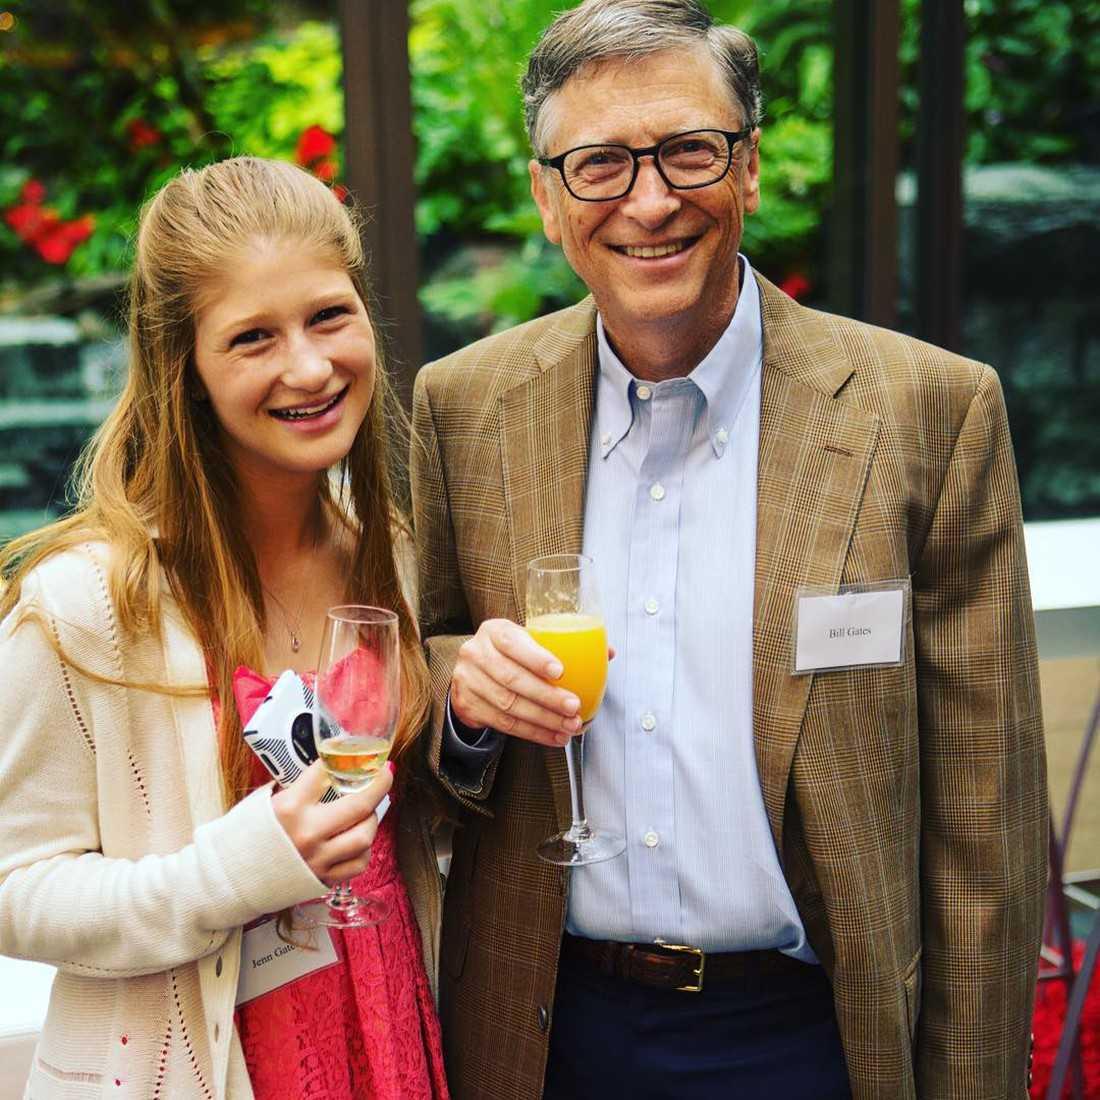 Как живет дочь самого богатого человека в мире. Дженифер Гейтс рассказала о своей жизни